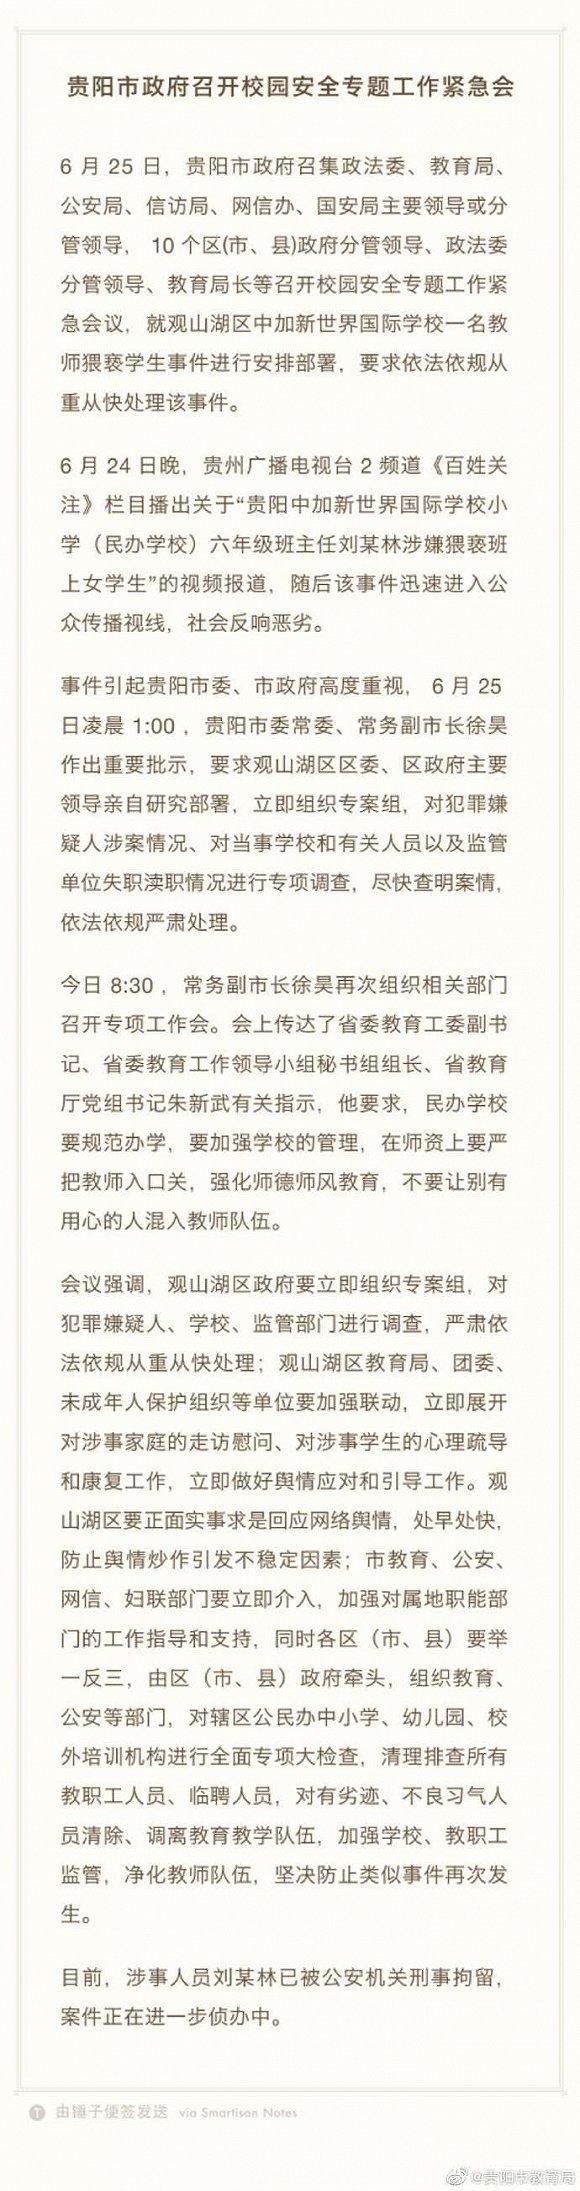 贵阳一民办学校男教师猥亵女生被刑拘,市政府要求从重处理